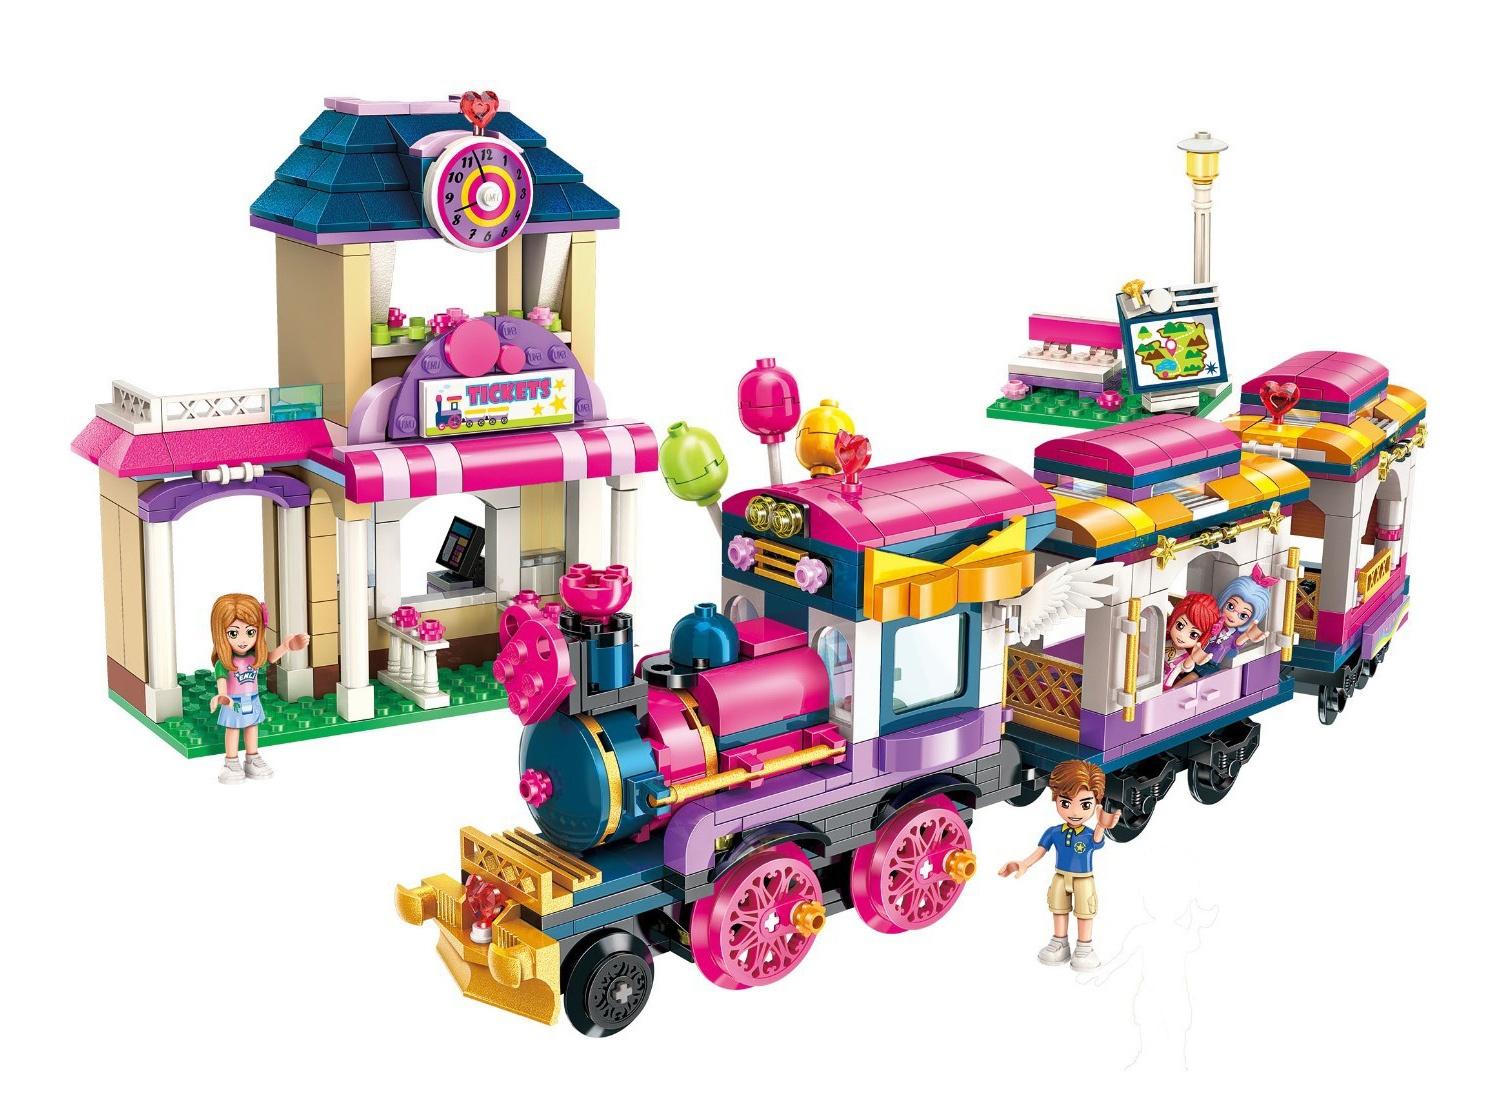 Конструктор  - Поезд, с фигурками, 690 деталей ) по цене 5 327